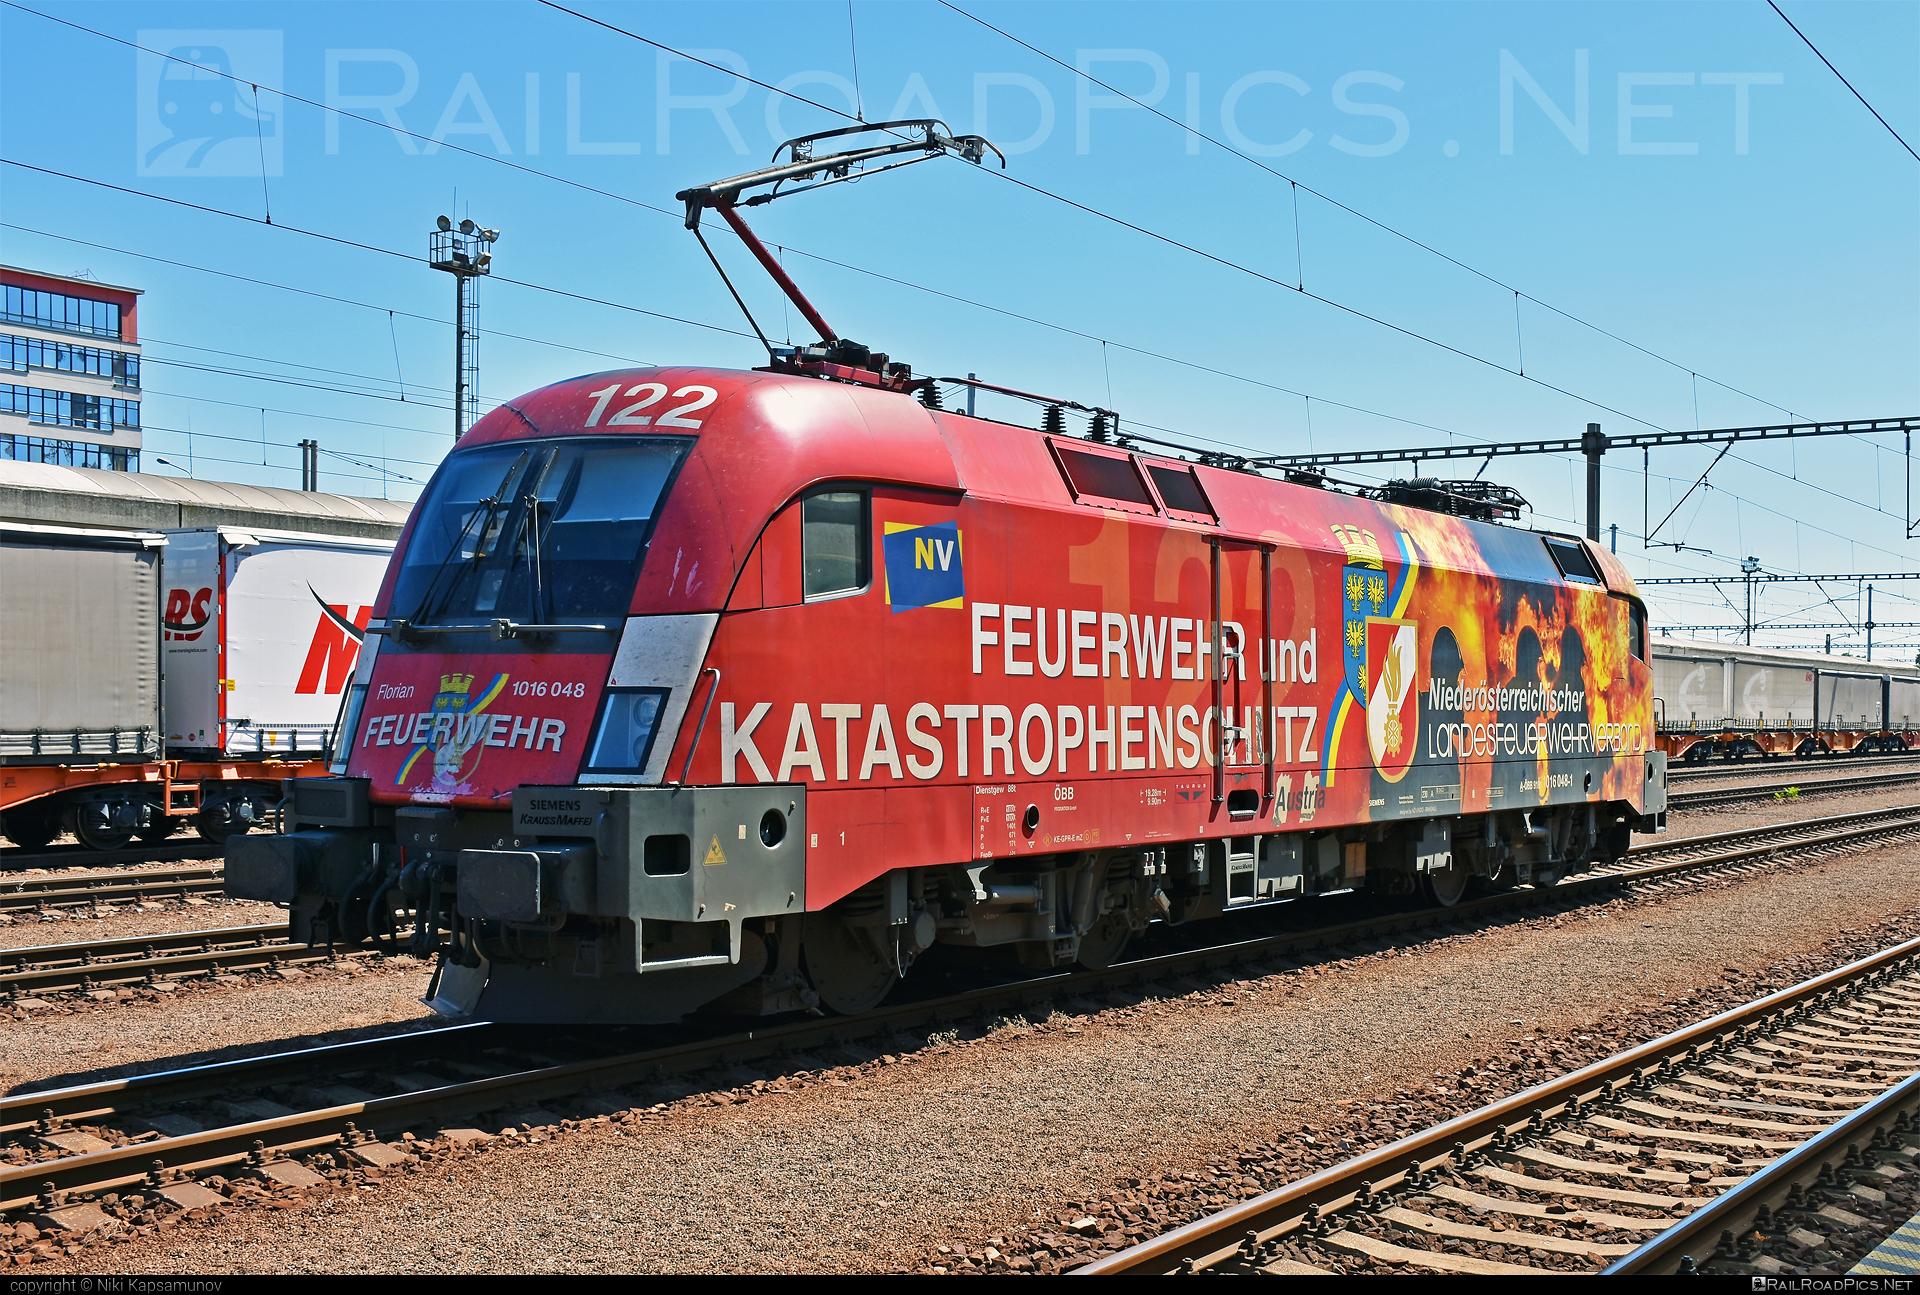 Siemens ES 64 U2 - 1016 048 operated by Rail Cargo Austria AG #es64 #es64u #es64u2 #eurosprinter #obb #osterreichischebundesbahnen #rcw #siemens #siemenses64 #siemenses64u #siemenses64u2 #siemenstaurus #taurus #tauruslocomotive